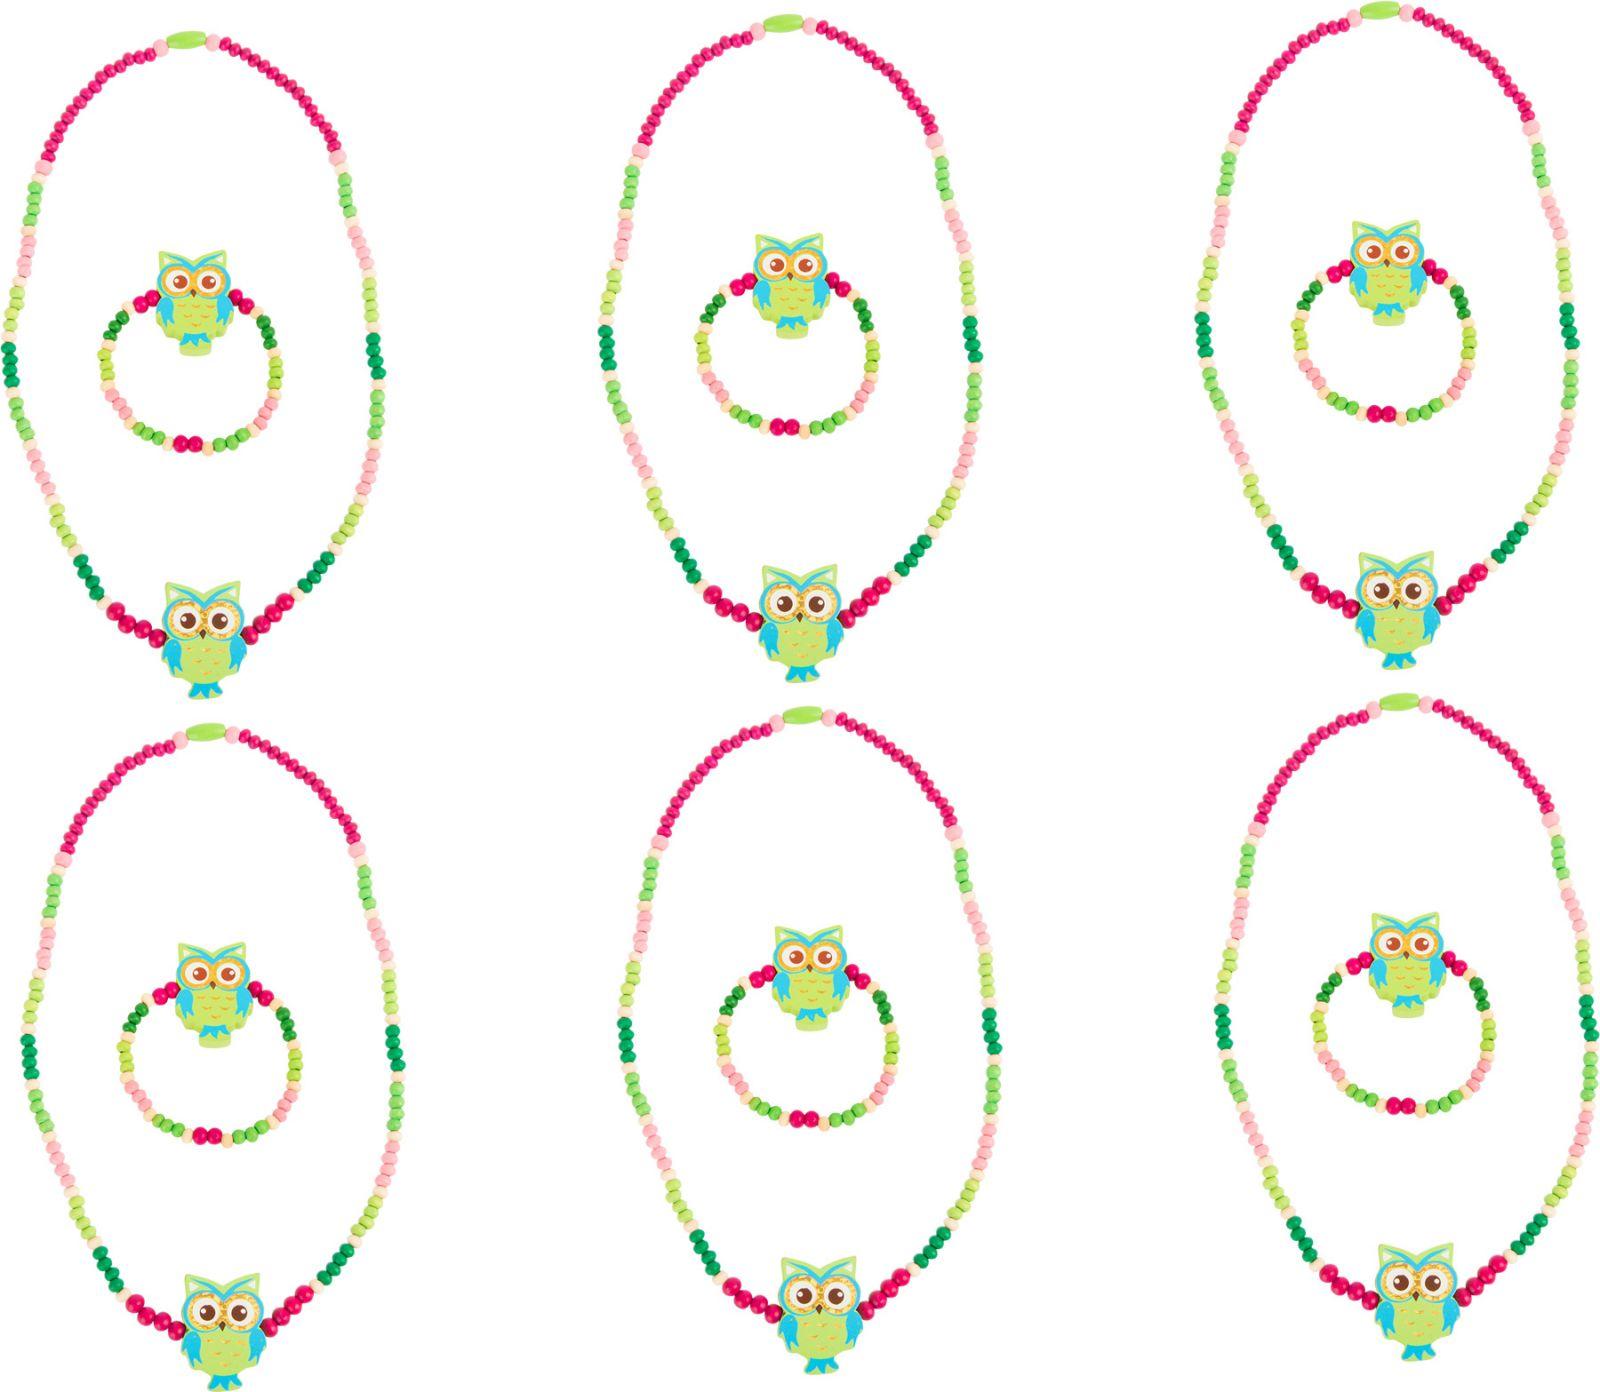 Dřevěné hračky Displej - Dřevěné šperky se sovou, zelené 12 ks Small foot by Legler